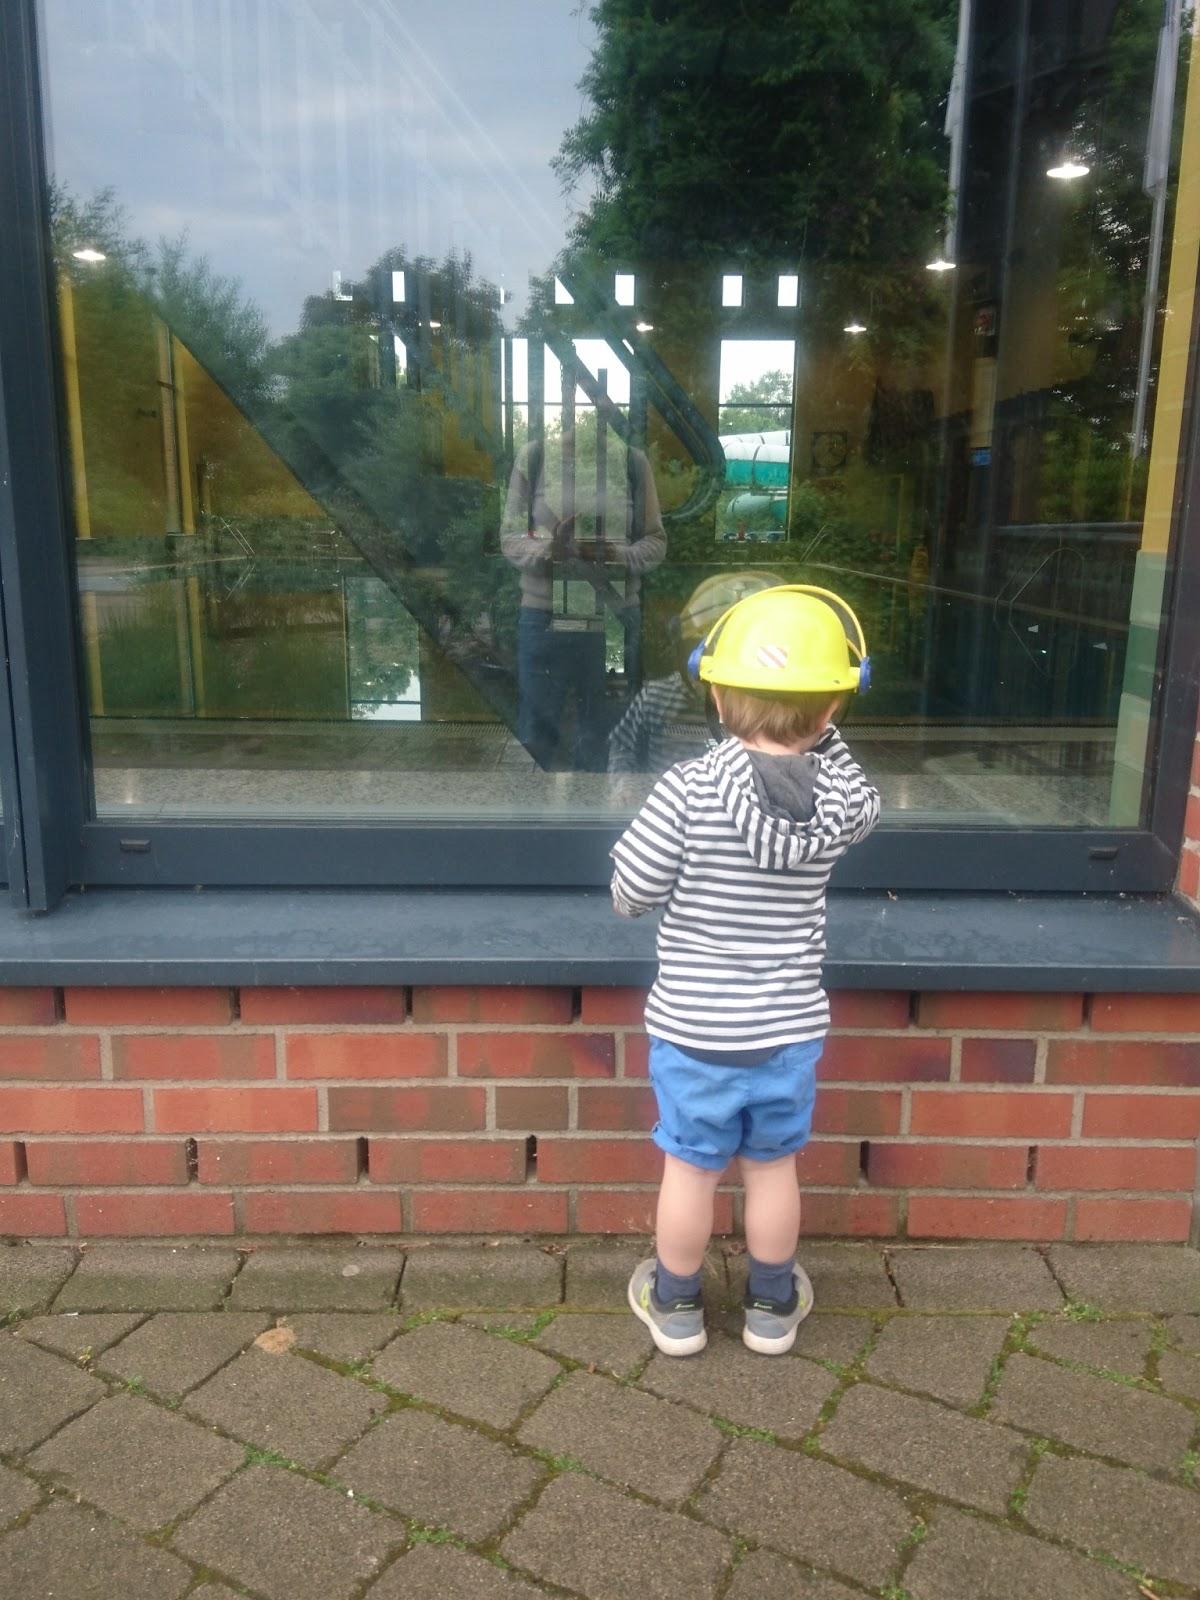 Auszeiten schaffen für Kinder | Warum Exklusivzeit für Mama und Kind so wichtig ist | judetta.de